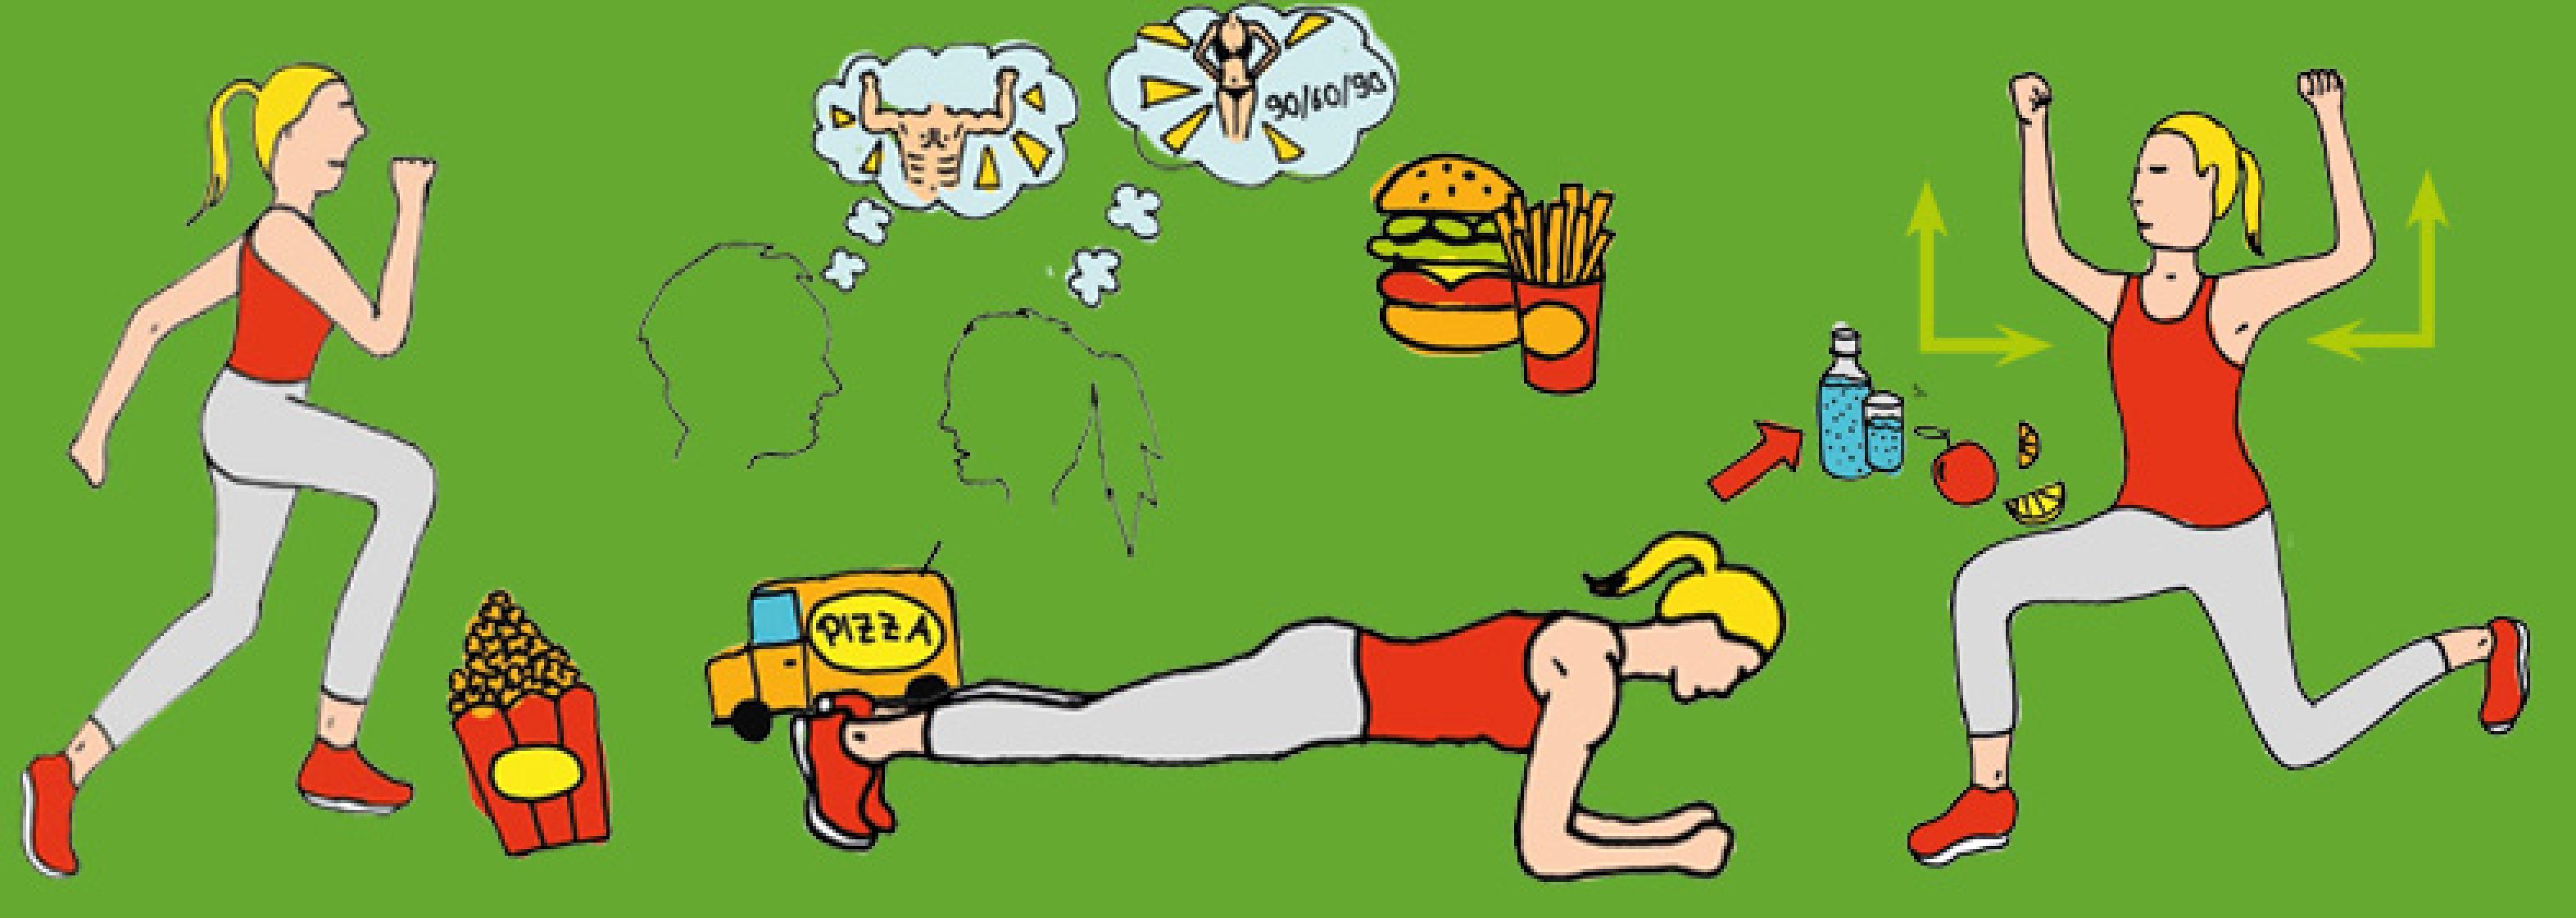 Grafik Bewegung und Ernährung - Diabetes vorbeugen